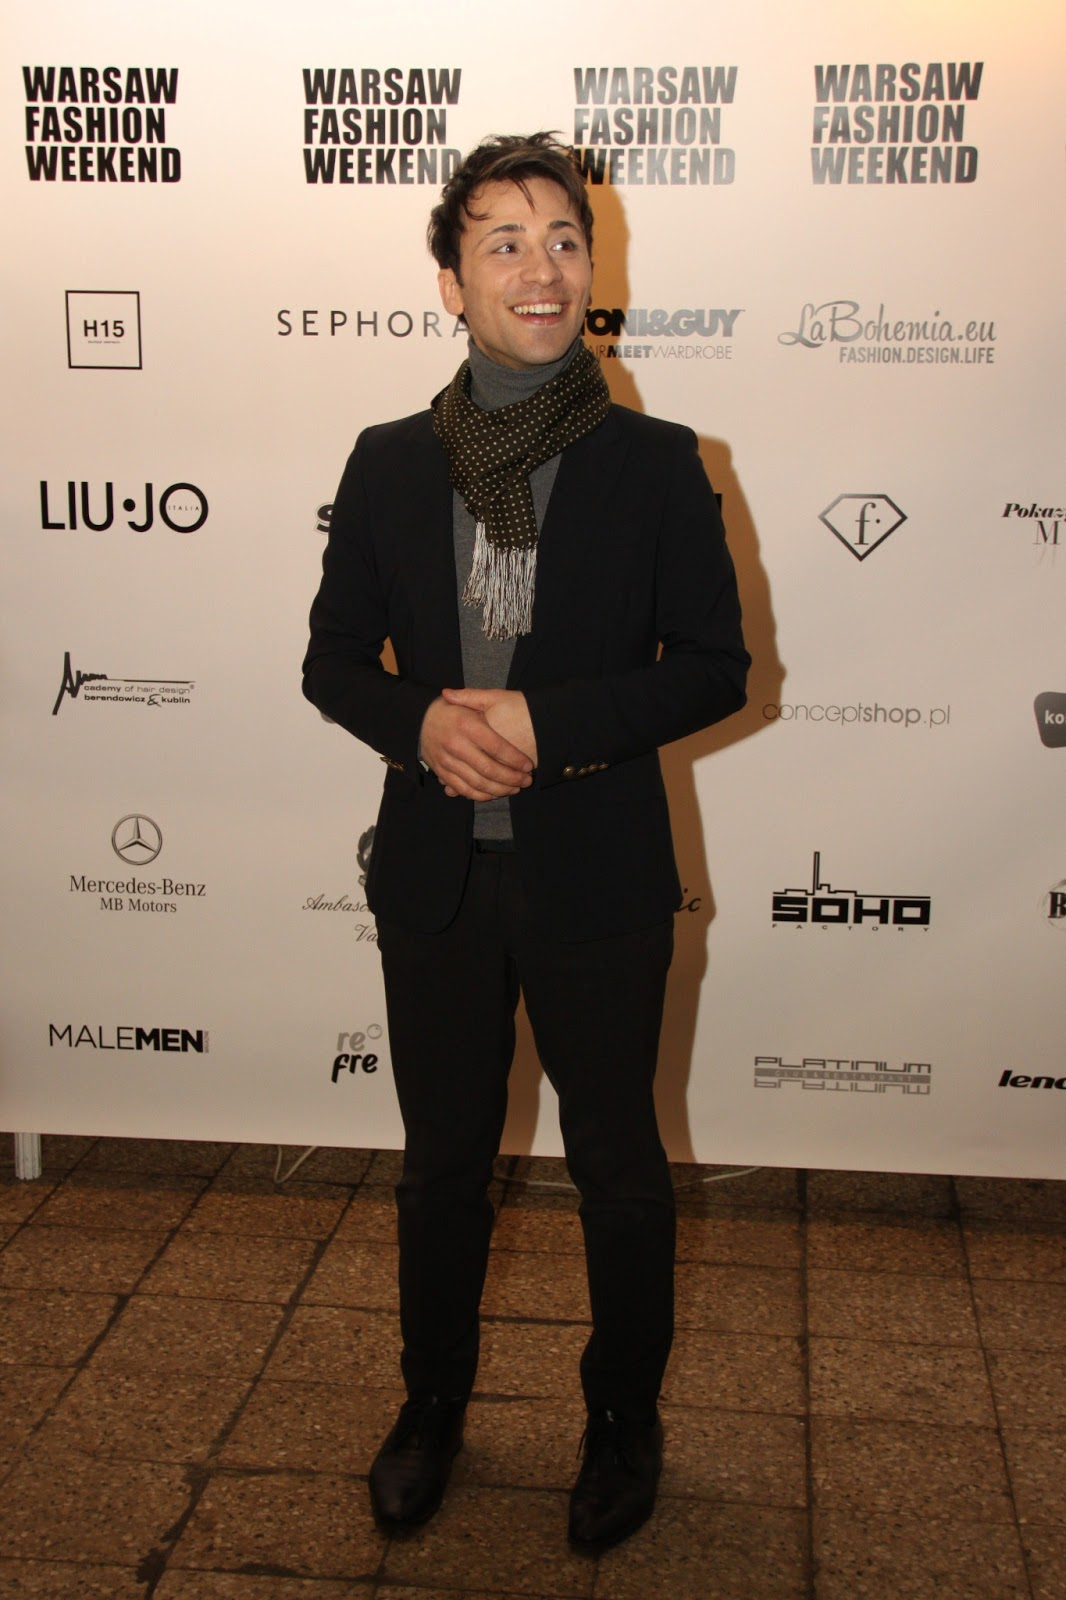 Lo stilista Santo Spada al Varsavia Fashion Week 2013